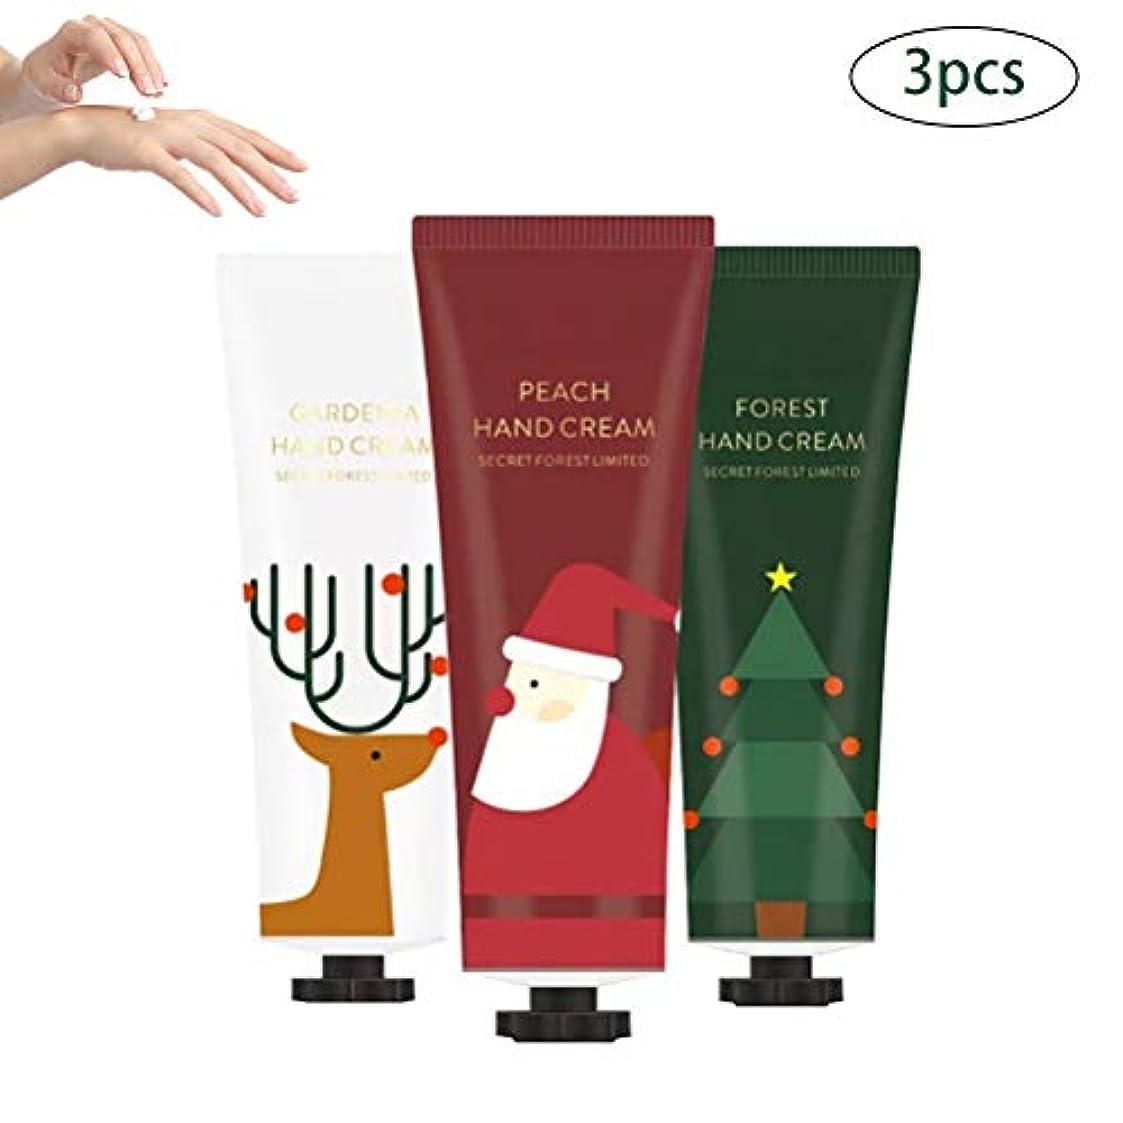 見る人付添人礼拝ALBEFY 3個 クリスマス 高品質 ハンドクリームセット 純粋な天然植物 美白 肌の修復 水分補給 フルーツエッセンス ハンドクリーム(30mL /ボトル)